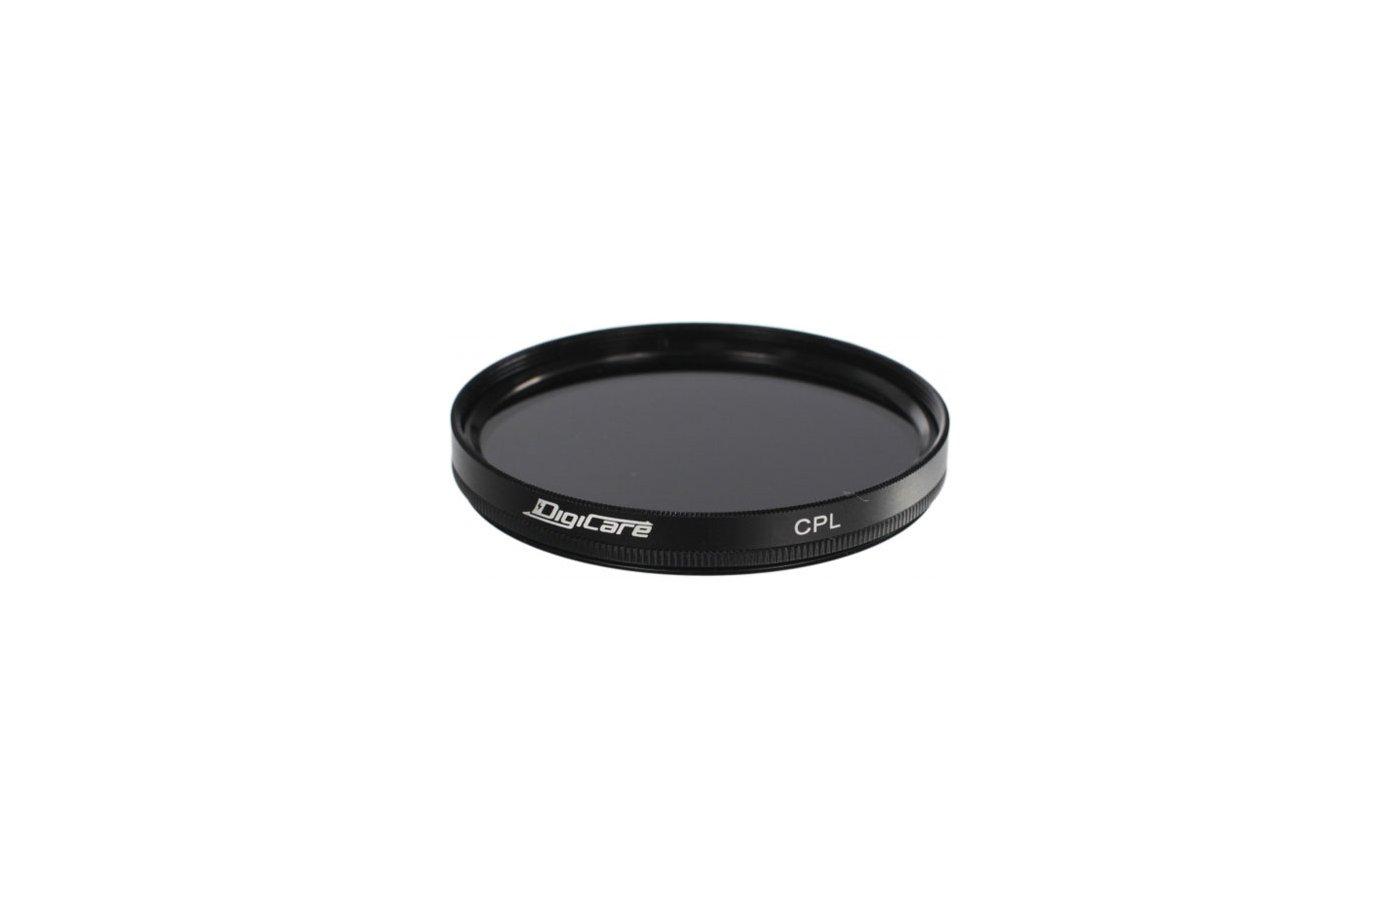 Фильтр DigiCare 40.5mm CPL поляризационный